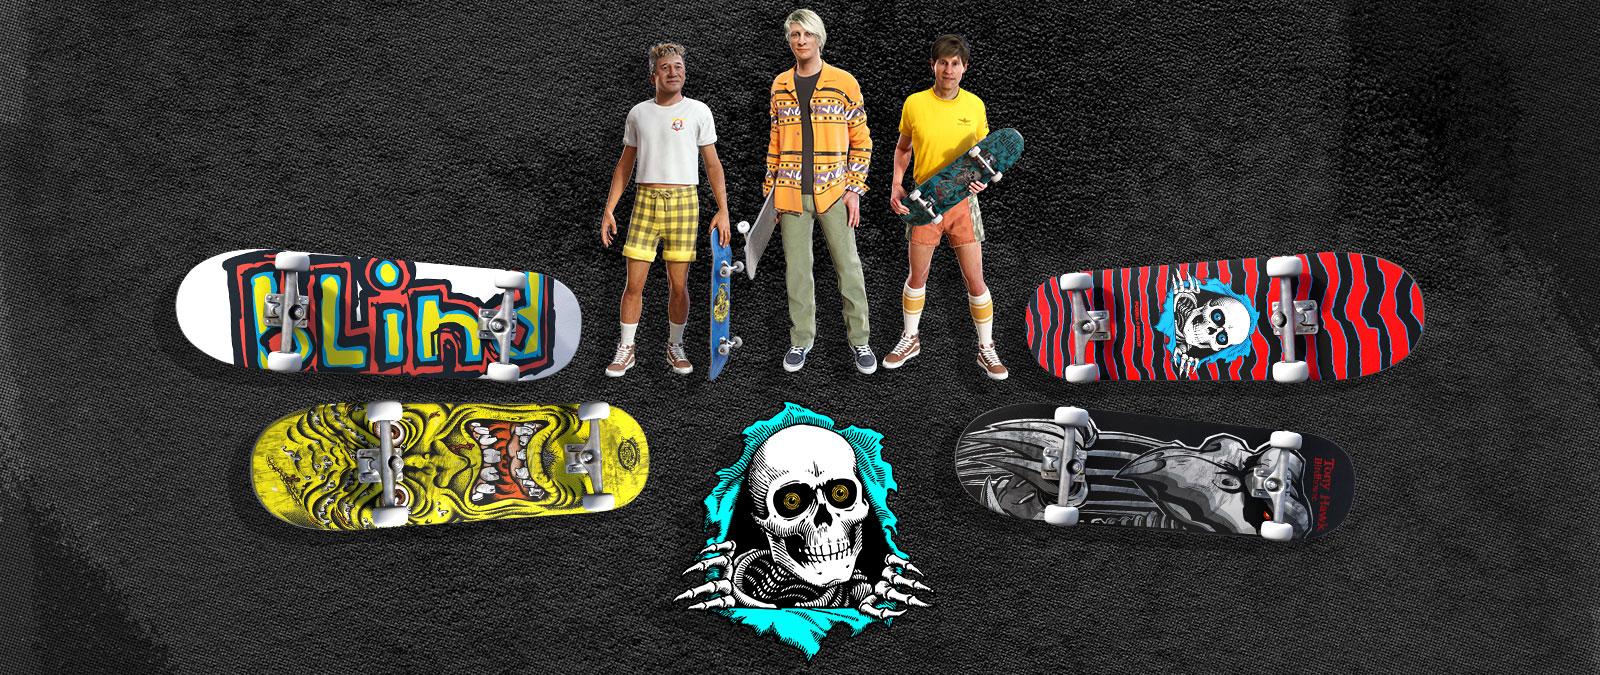 Un conjunto de aspectos de personajes y skates, incluyendo atuendos de los 80 y diseños de tablas retro. Un esqueleto desgarra el fondo y lo atraviesa.